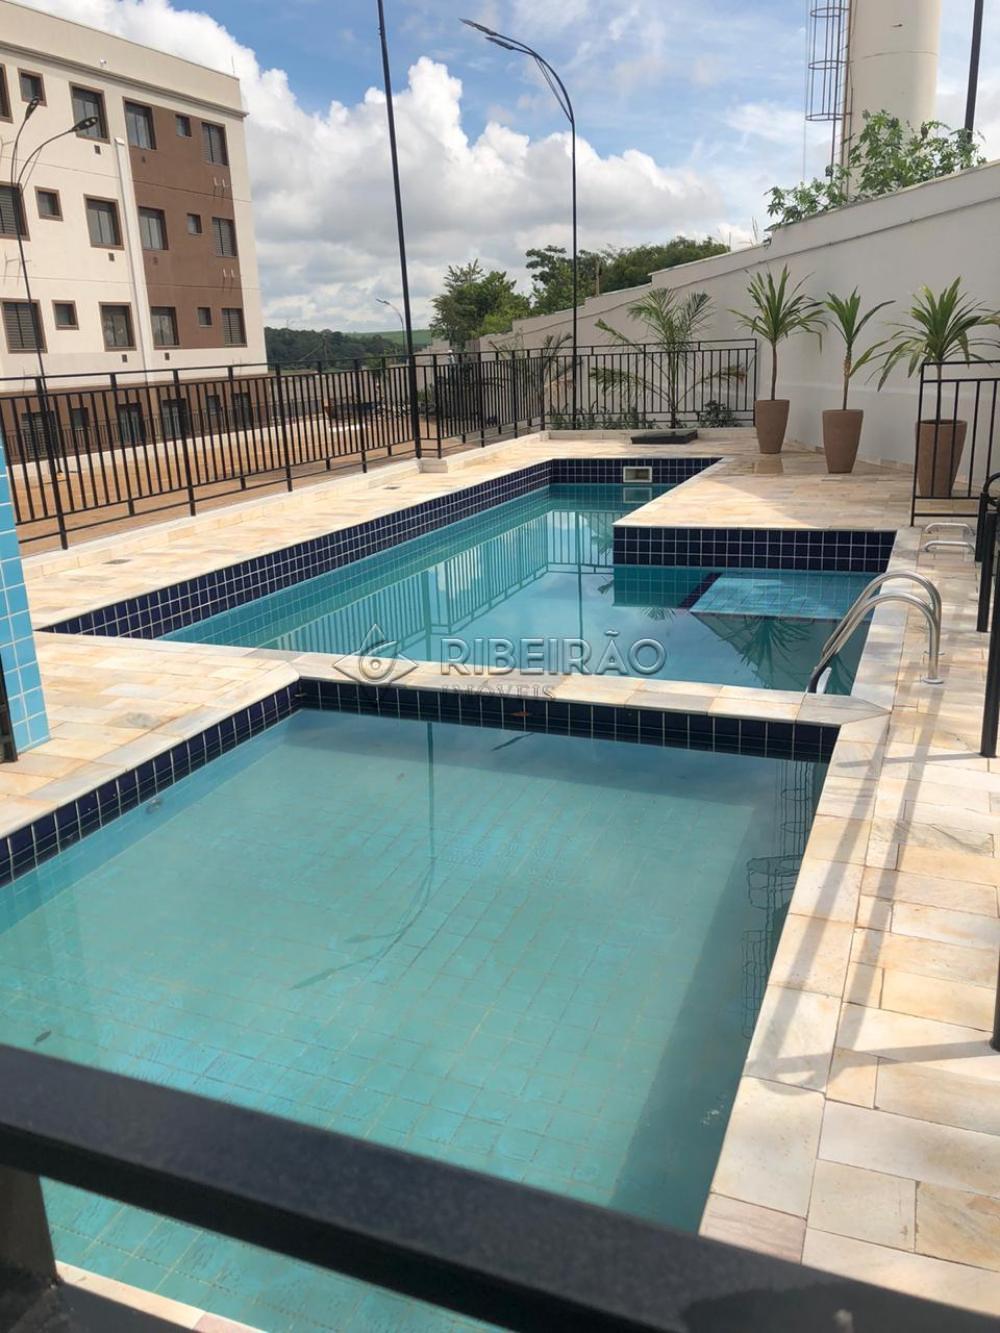 Alugar Apartamento / Padrão em Bonfim Paulista apenas R$ 600,00 - Foto 24